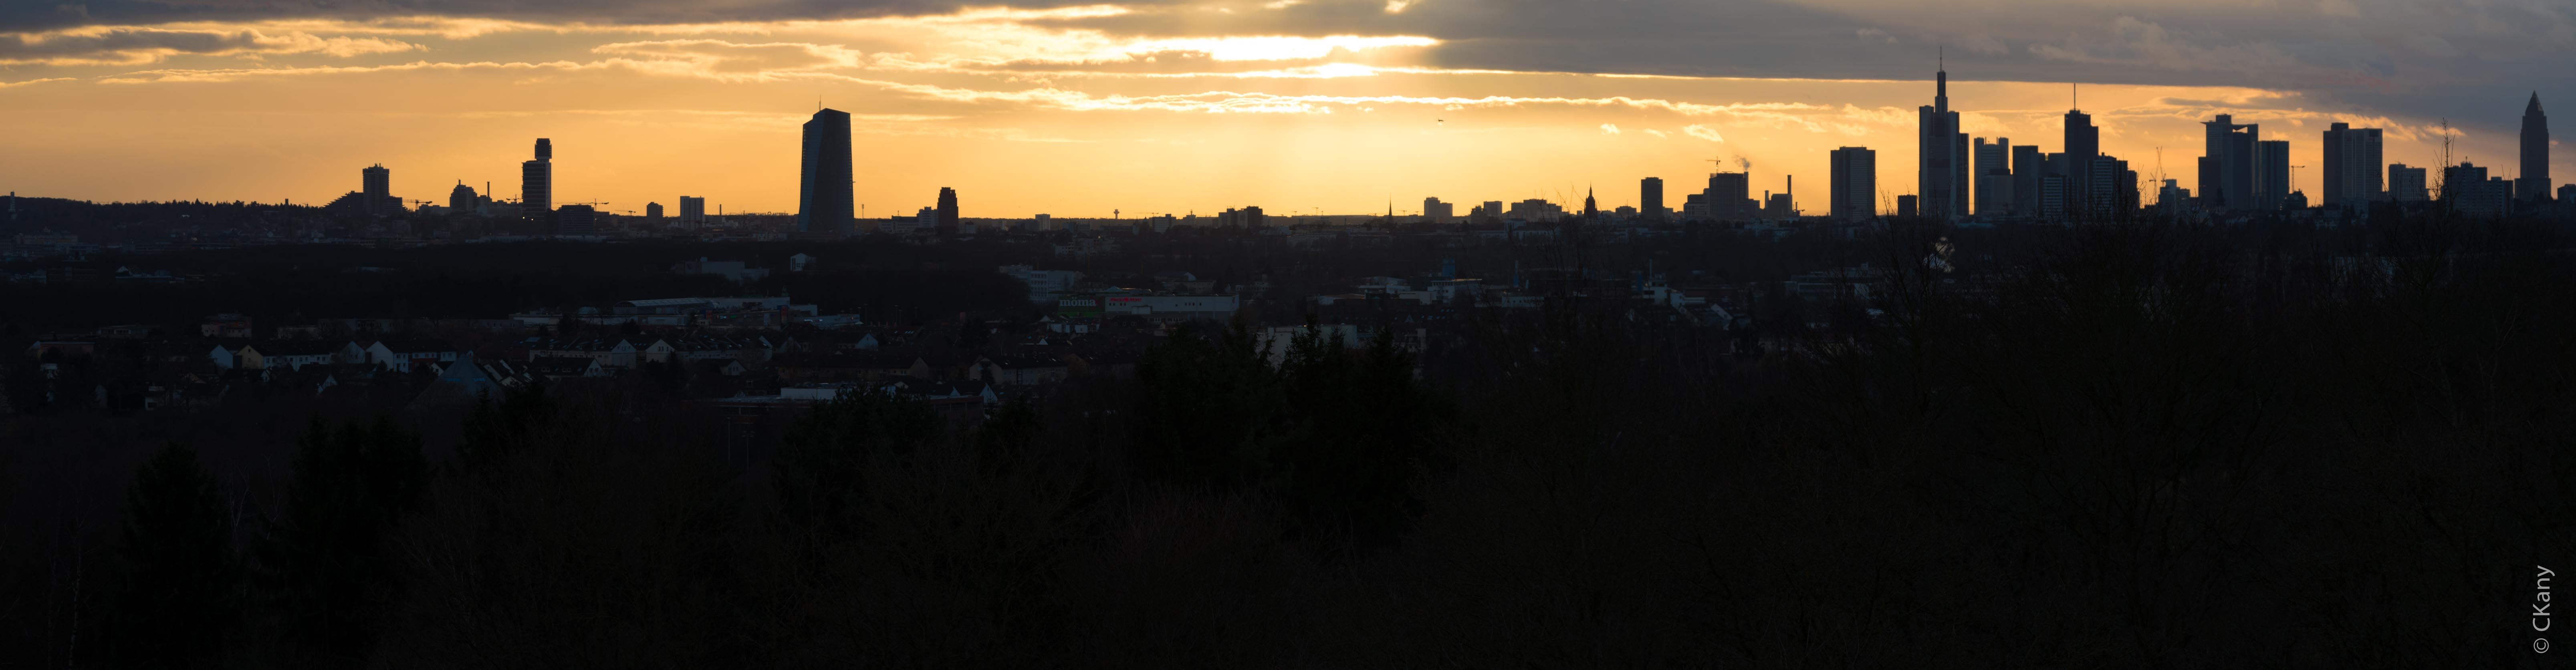 Frankfurt Skyline Pano